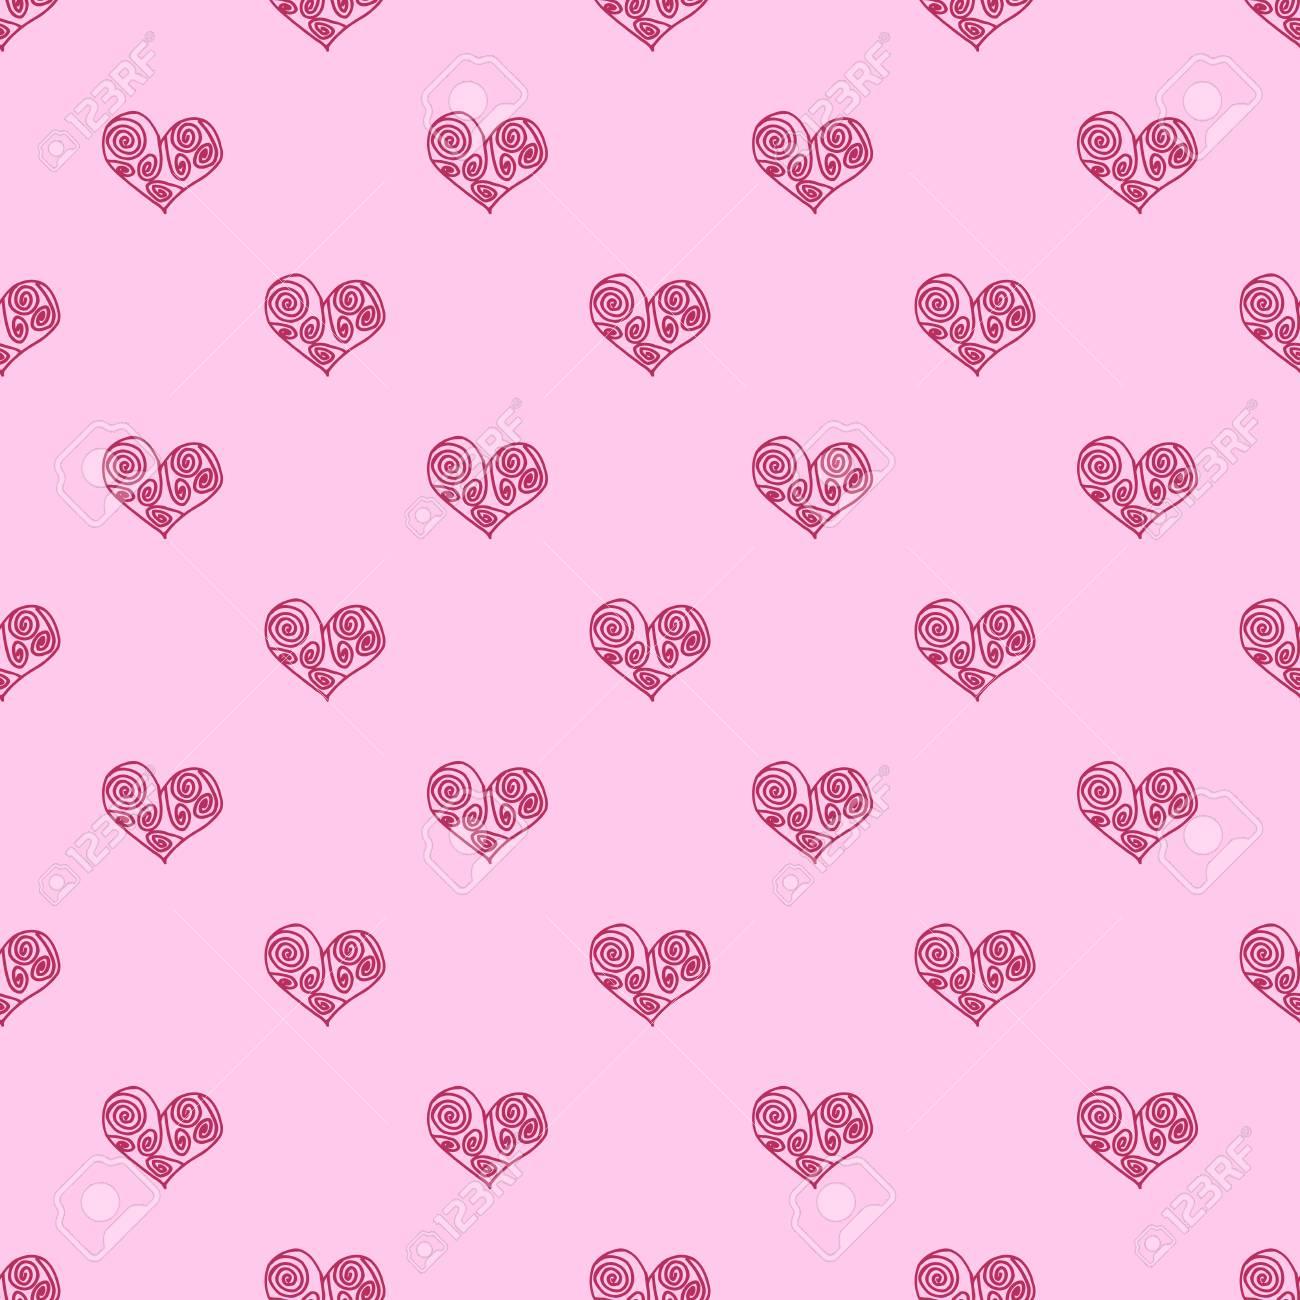 シームレスなパターン背景とハートのピンク 結婚の壁紙ベクター